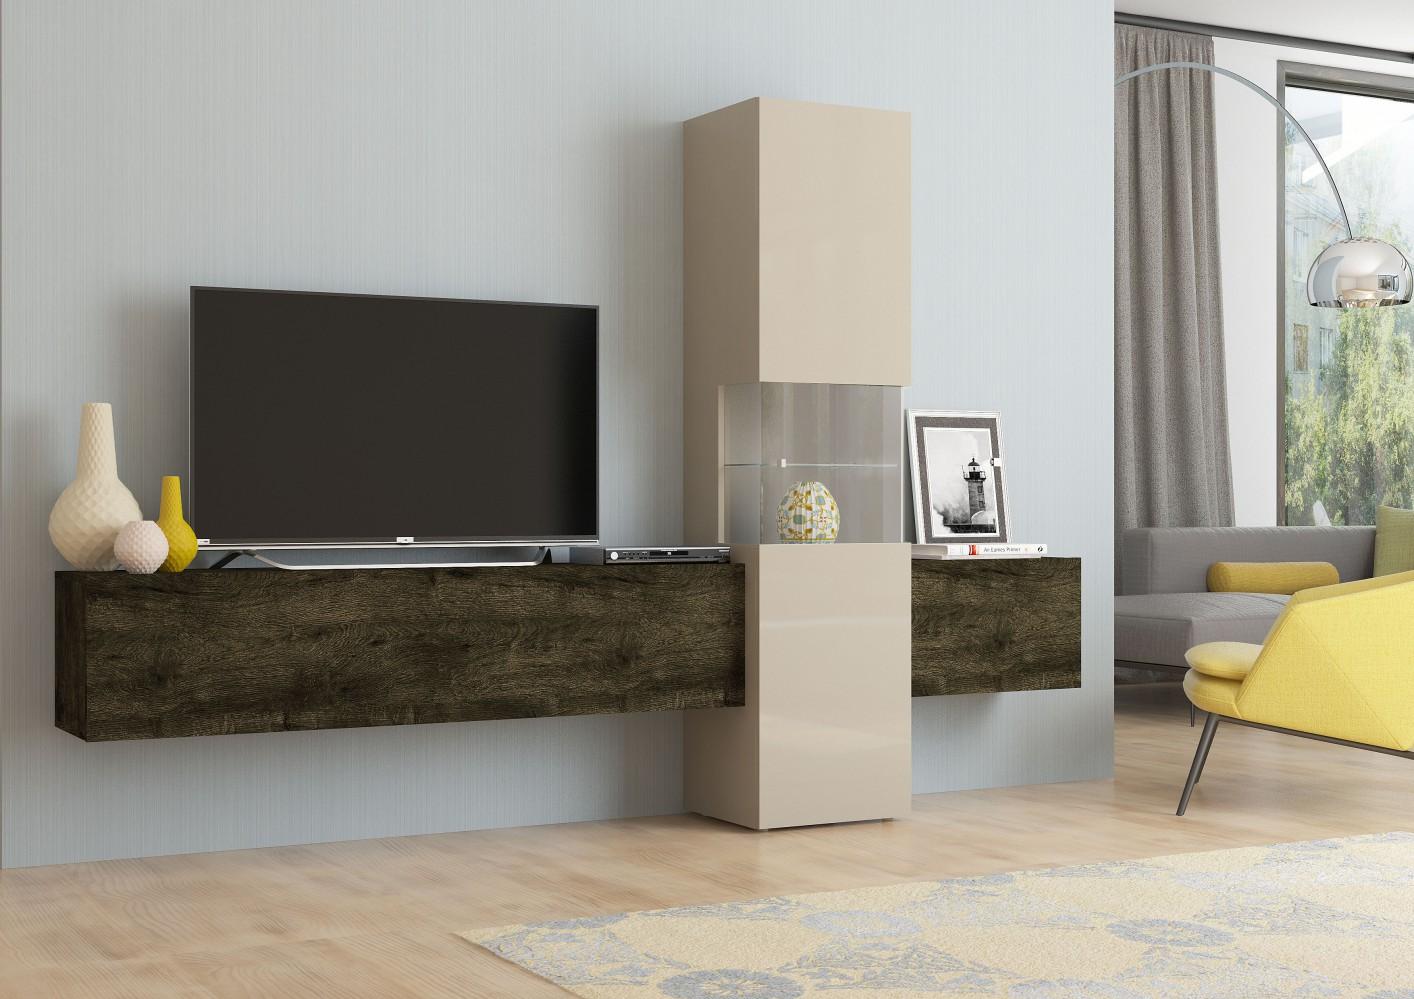 Design Wohnwand INCONTRO Wohnzimmerschrank TV Schrank Mediawand Anbauwand Italy